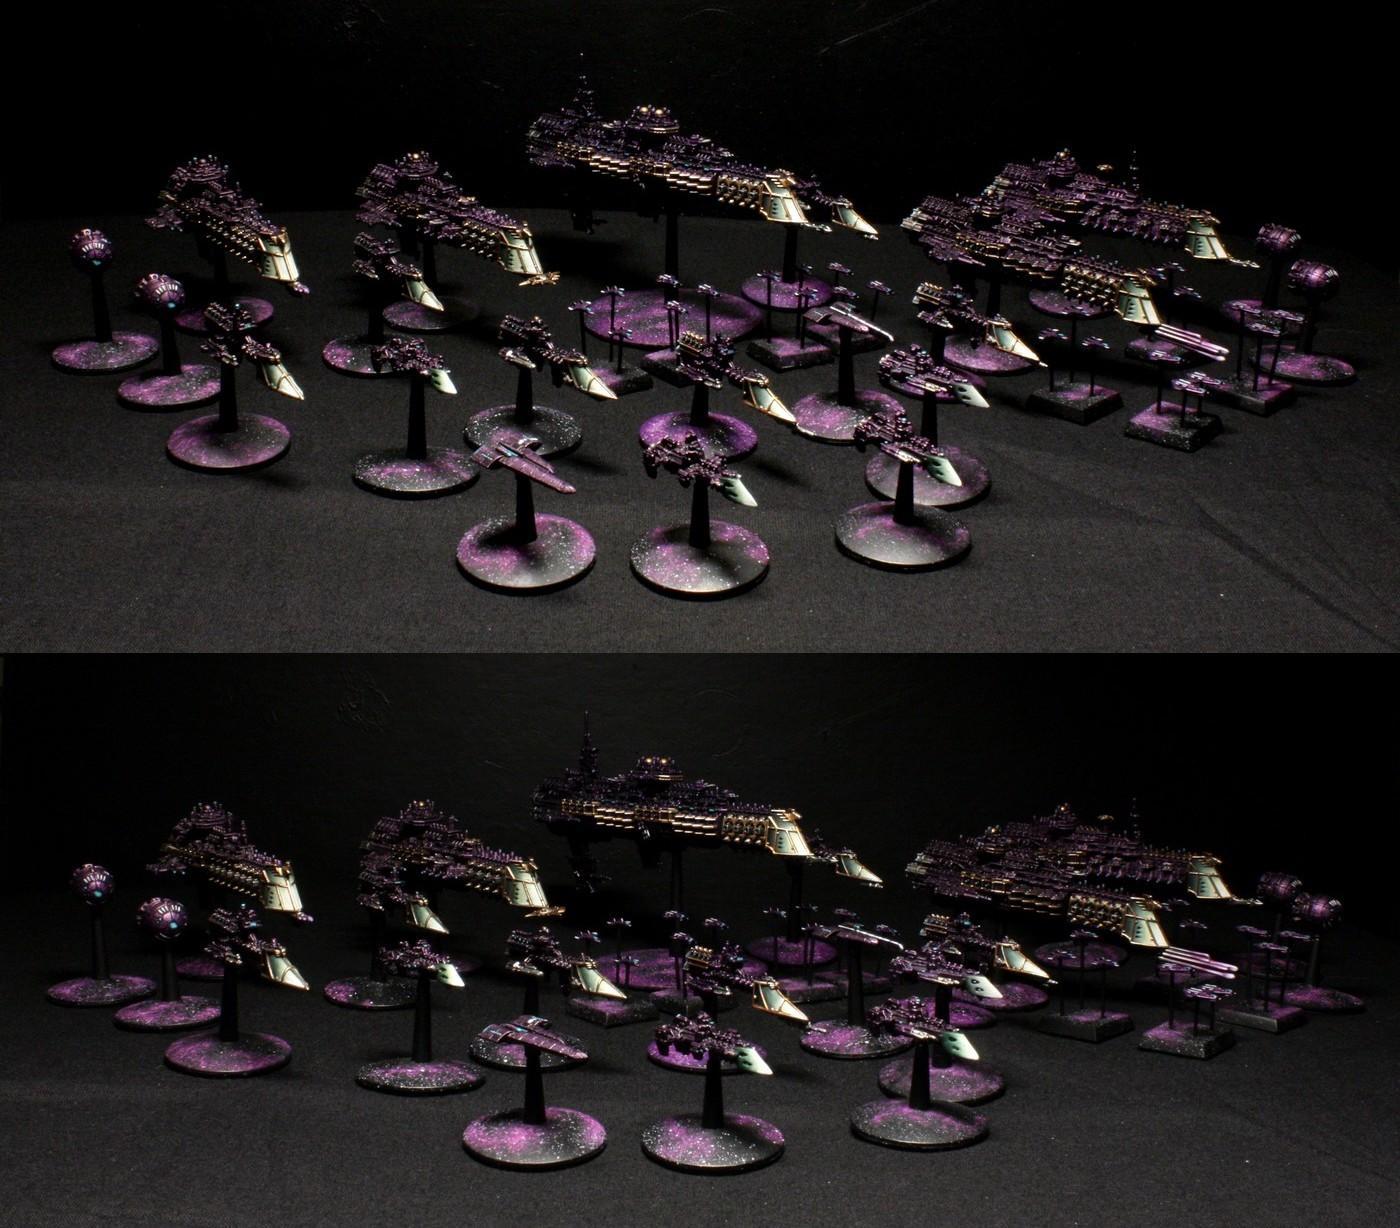 Battlefleet, Battlefleet Gothic, Fleet, Gold, Gothic, Prows, Purple, Ships, Wesselstein, White